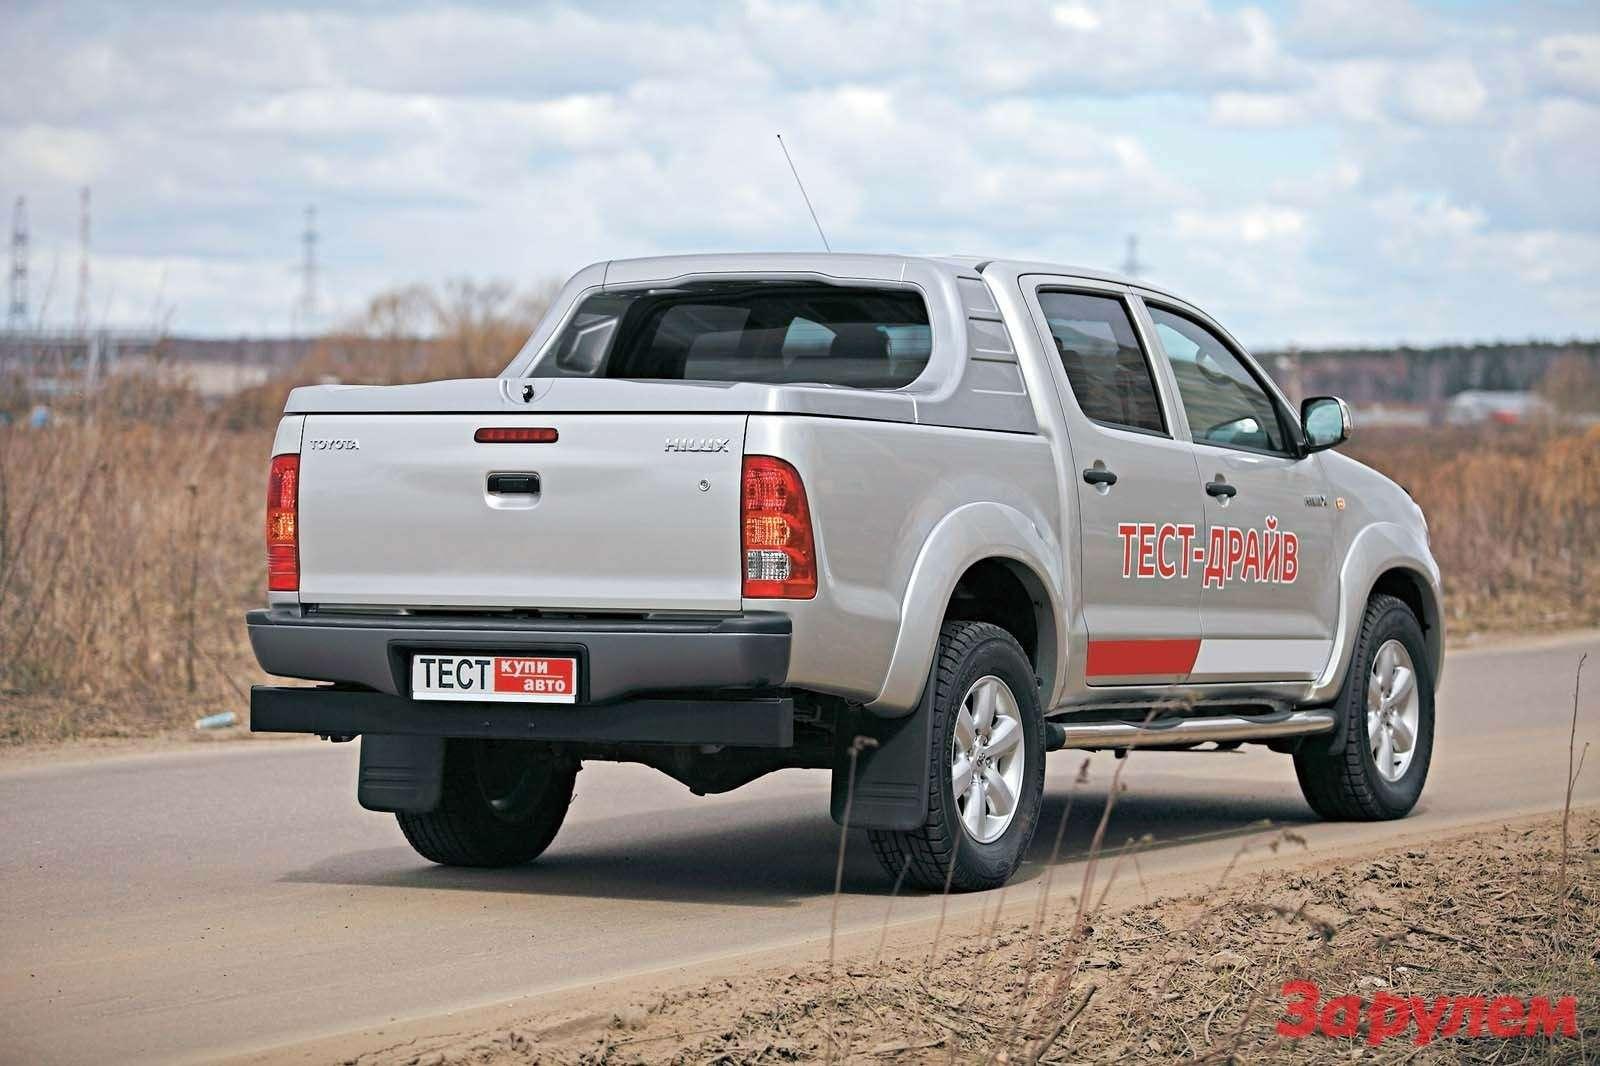 «Тойота-Хай-Лакс», от985000 руб., КАР от7,68 руб./км